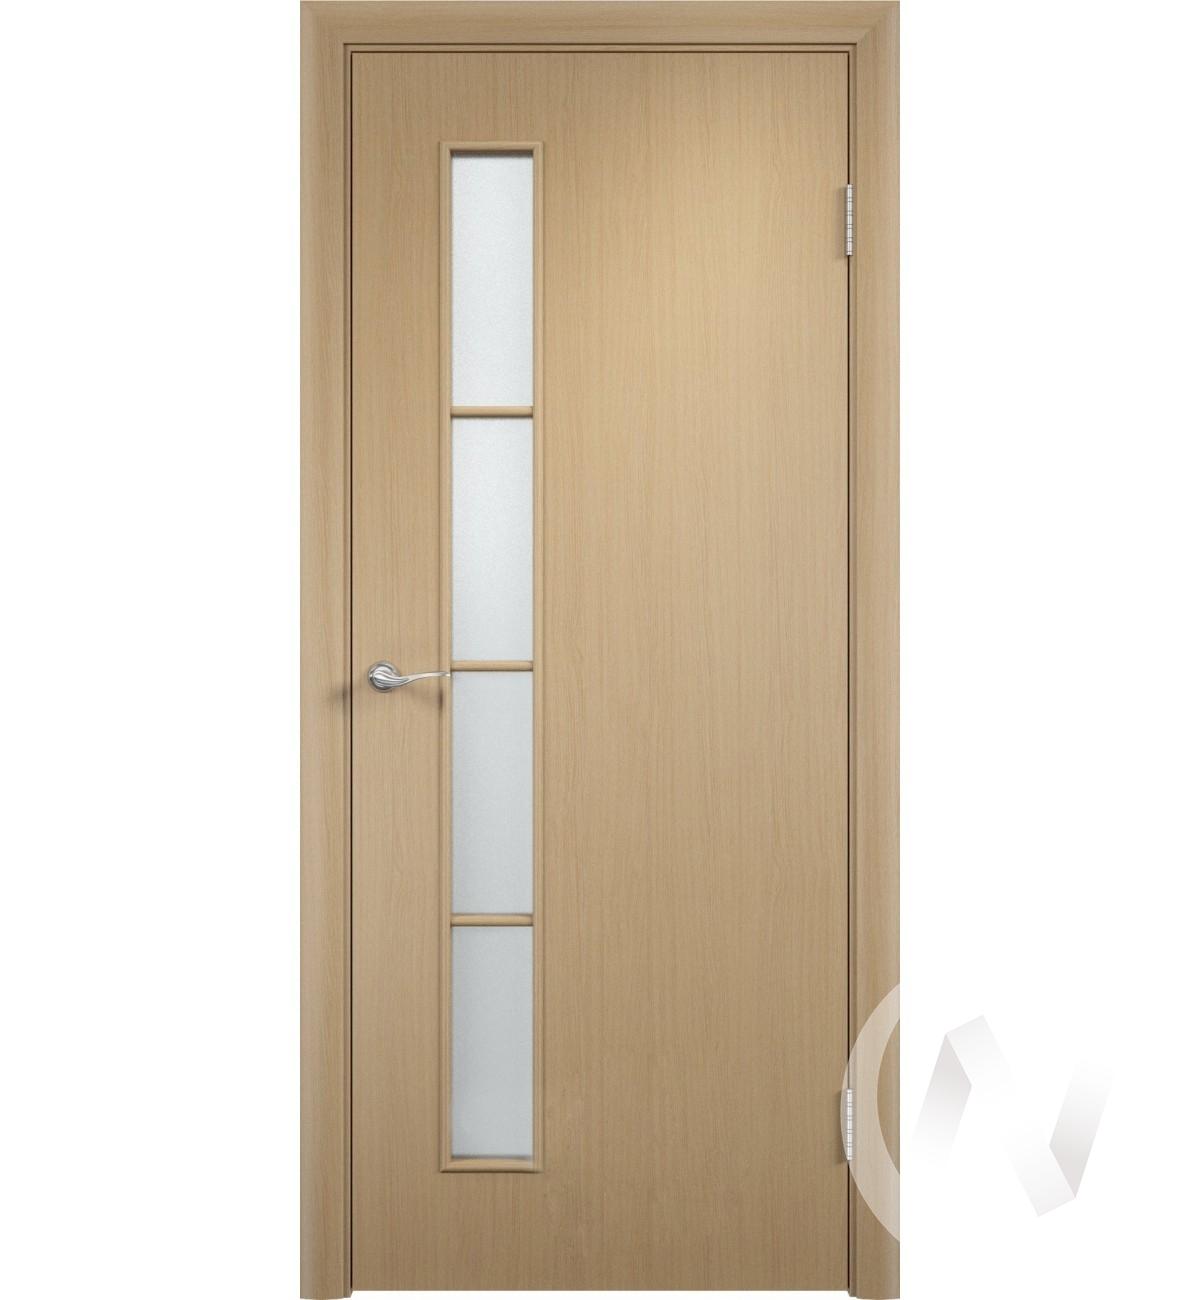 """Дверь ламинированная Тип """"Вертикаль"""", 60, ост,беленый дуб, стекло матовое"""